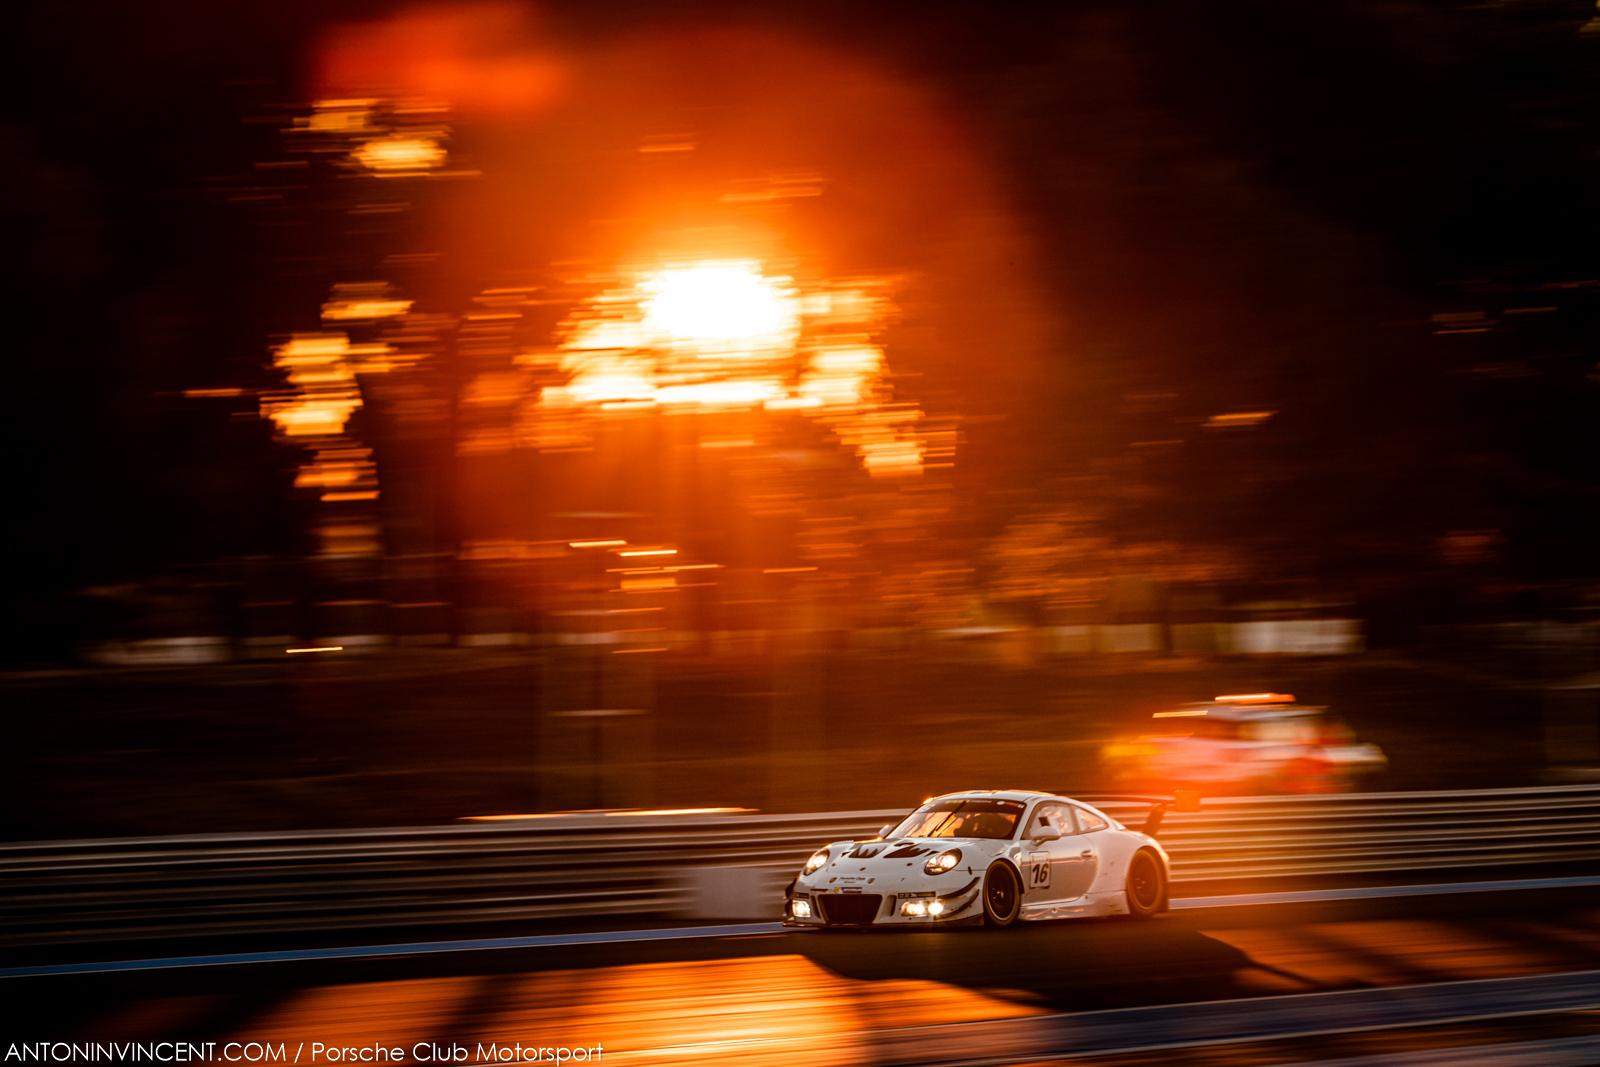 Porsche Club Motorsport Circuit Paul Ricard Du 16 au 17 Octobre 2020 © Antonin Vincent